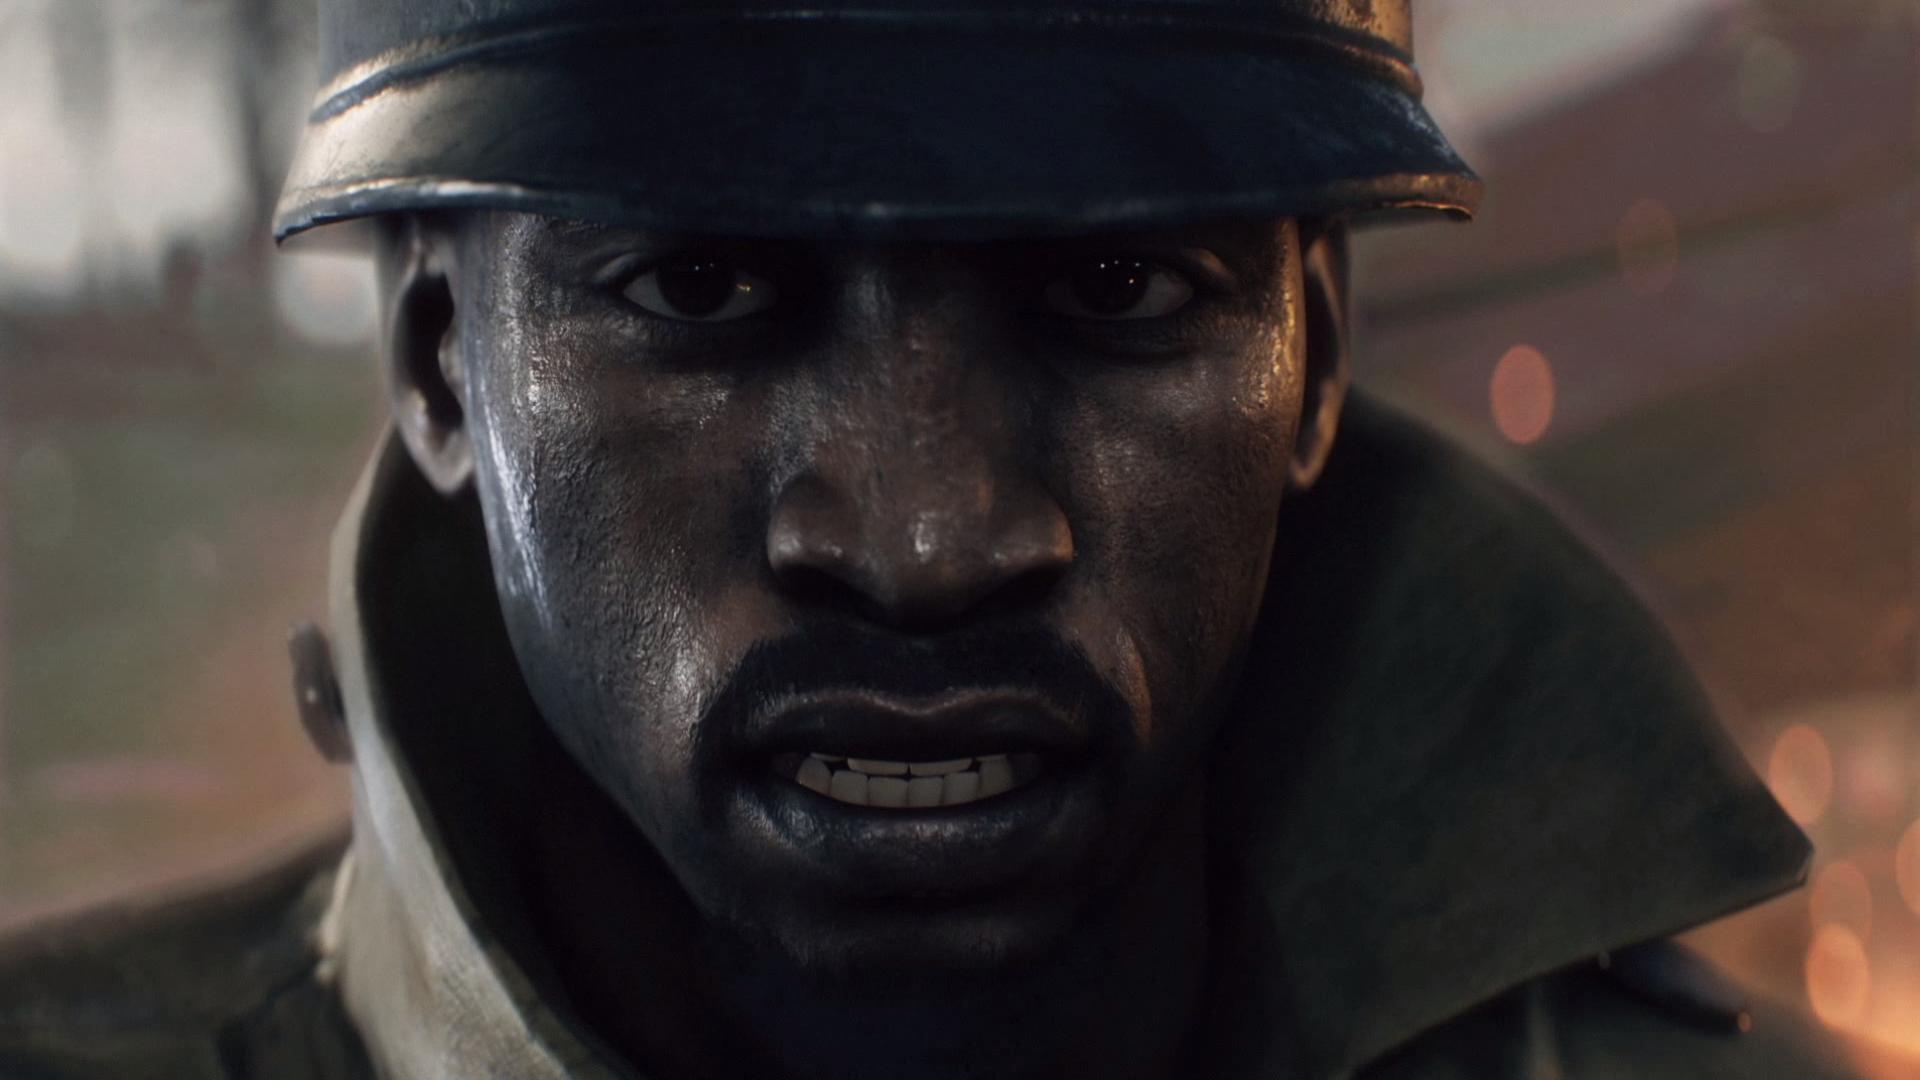 FairFight ha bannato erroneamente migliaia di giocatori in Battlefield 4 e Battlefield 1